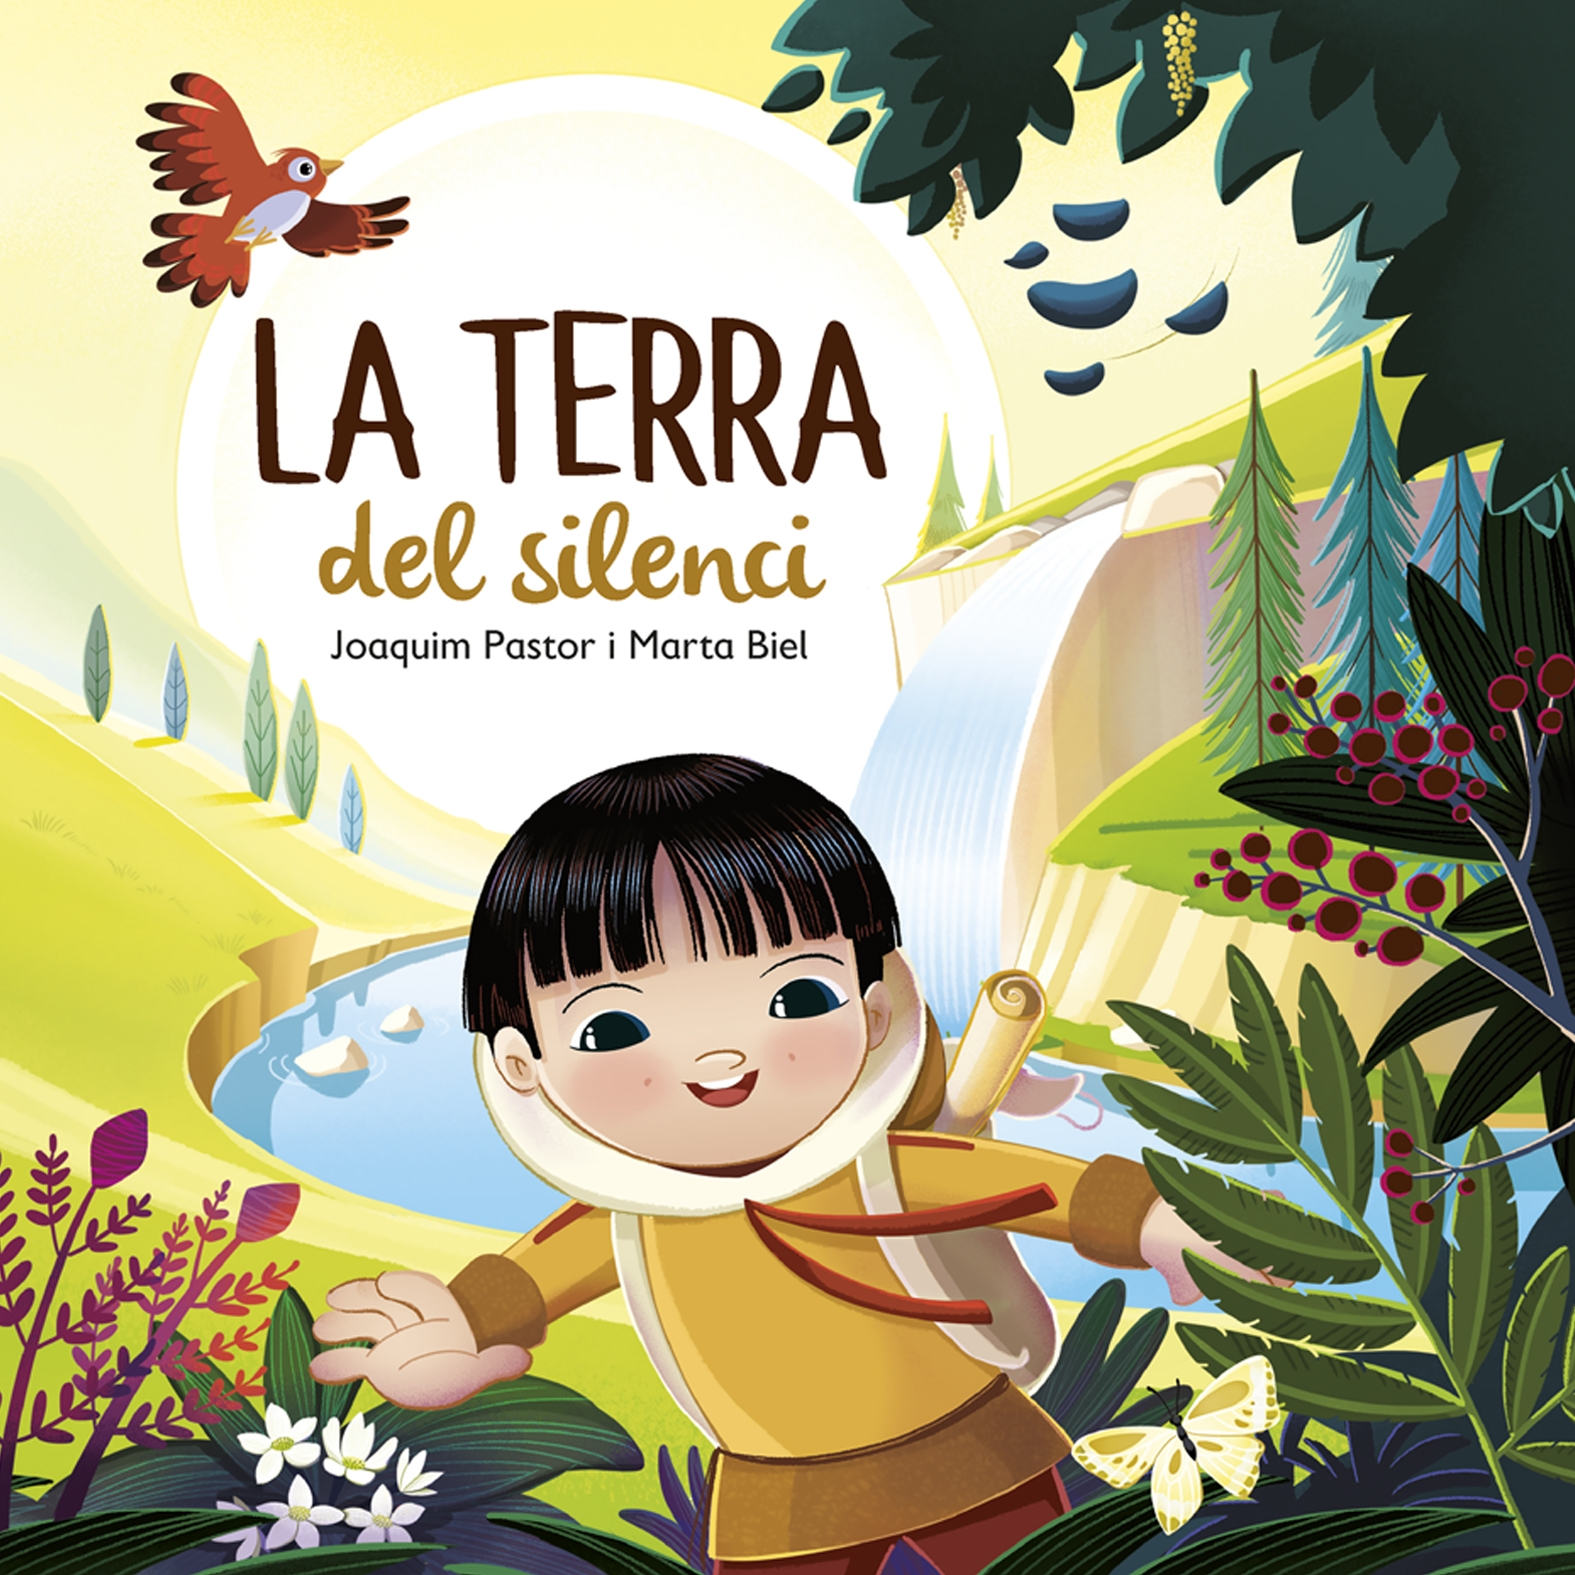 La terra del silenci. Un conte protagonitzat pel Dimas, un nen amb sordesa, que necessita suport per ser publicat.